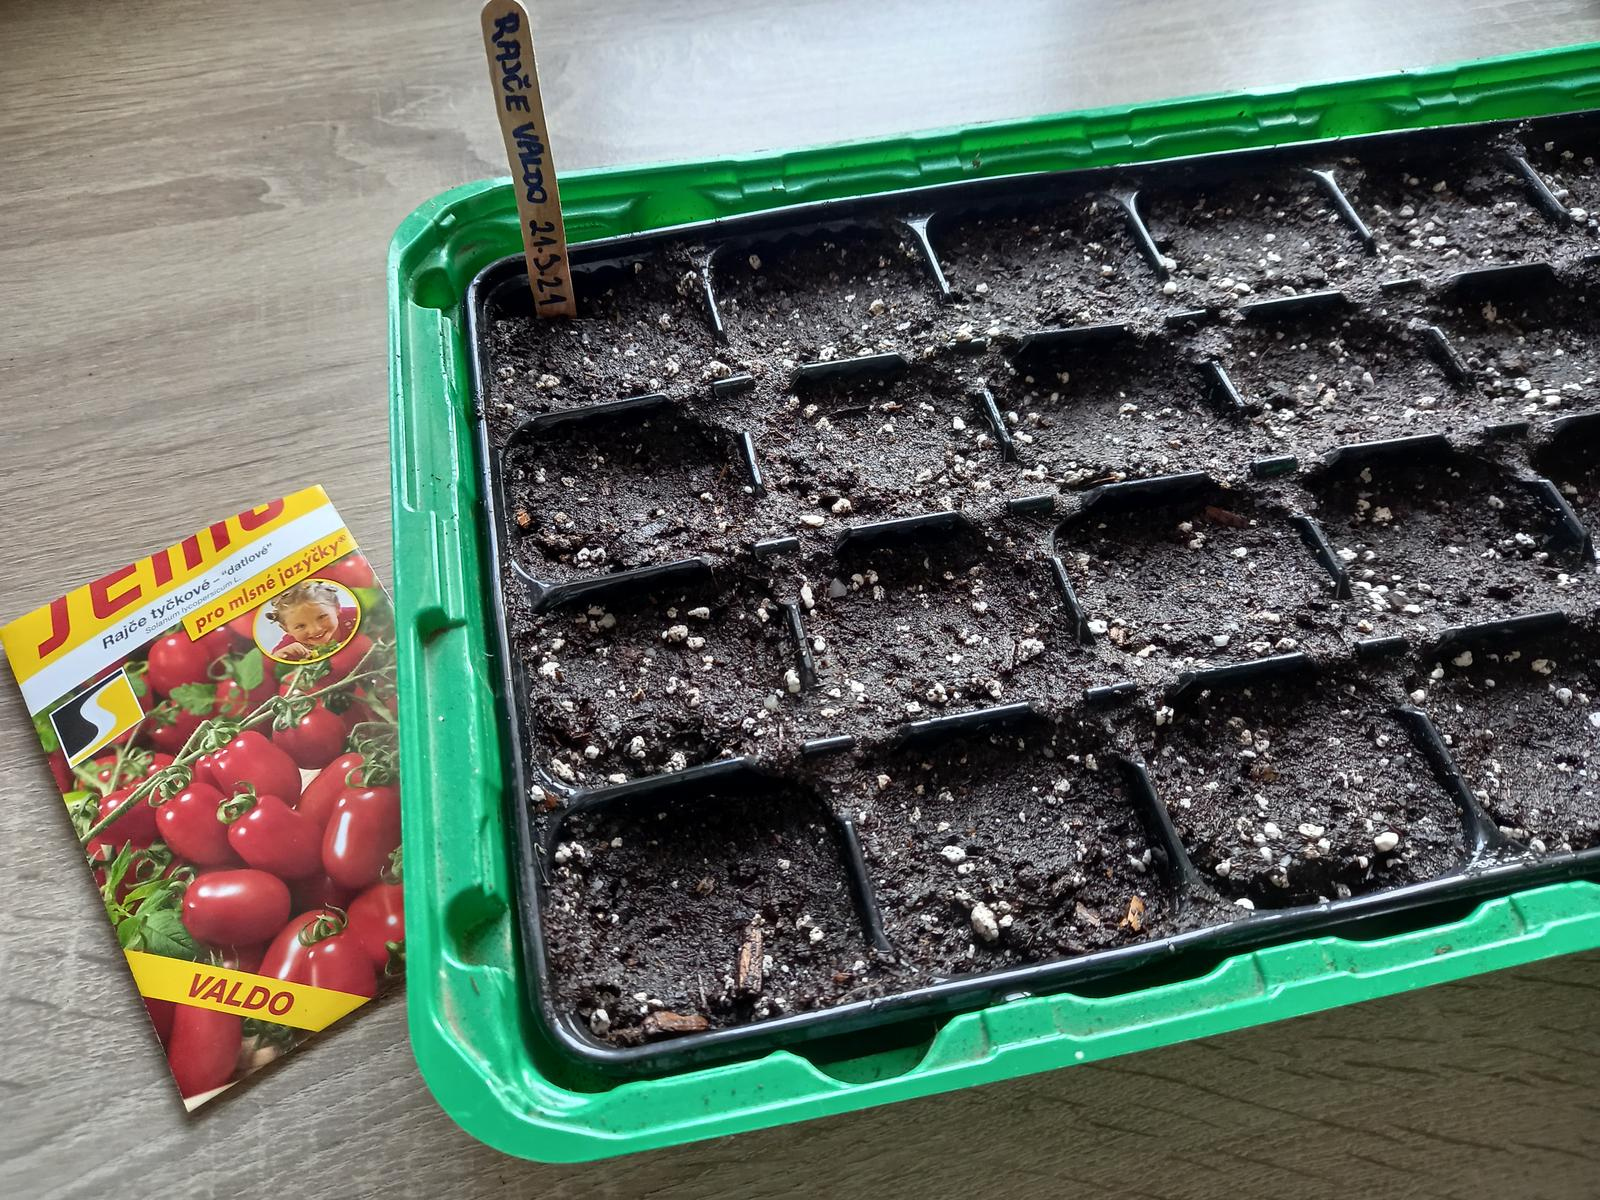 Jedlá zahrada - Kolem Josefa se vysévají rajčata 😊